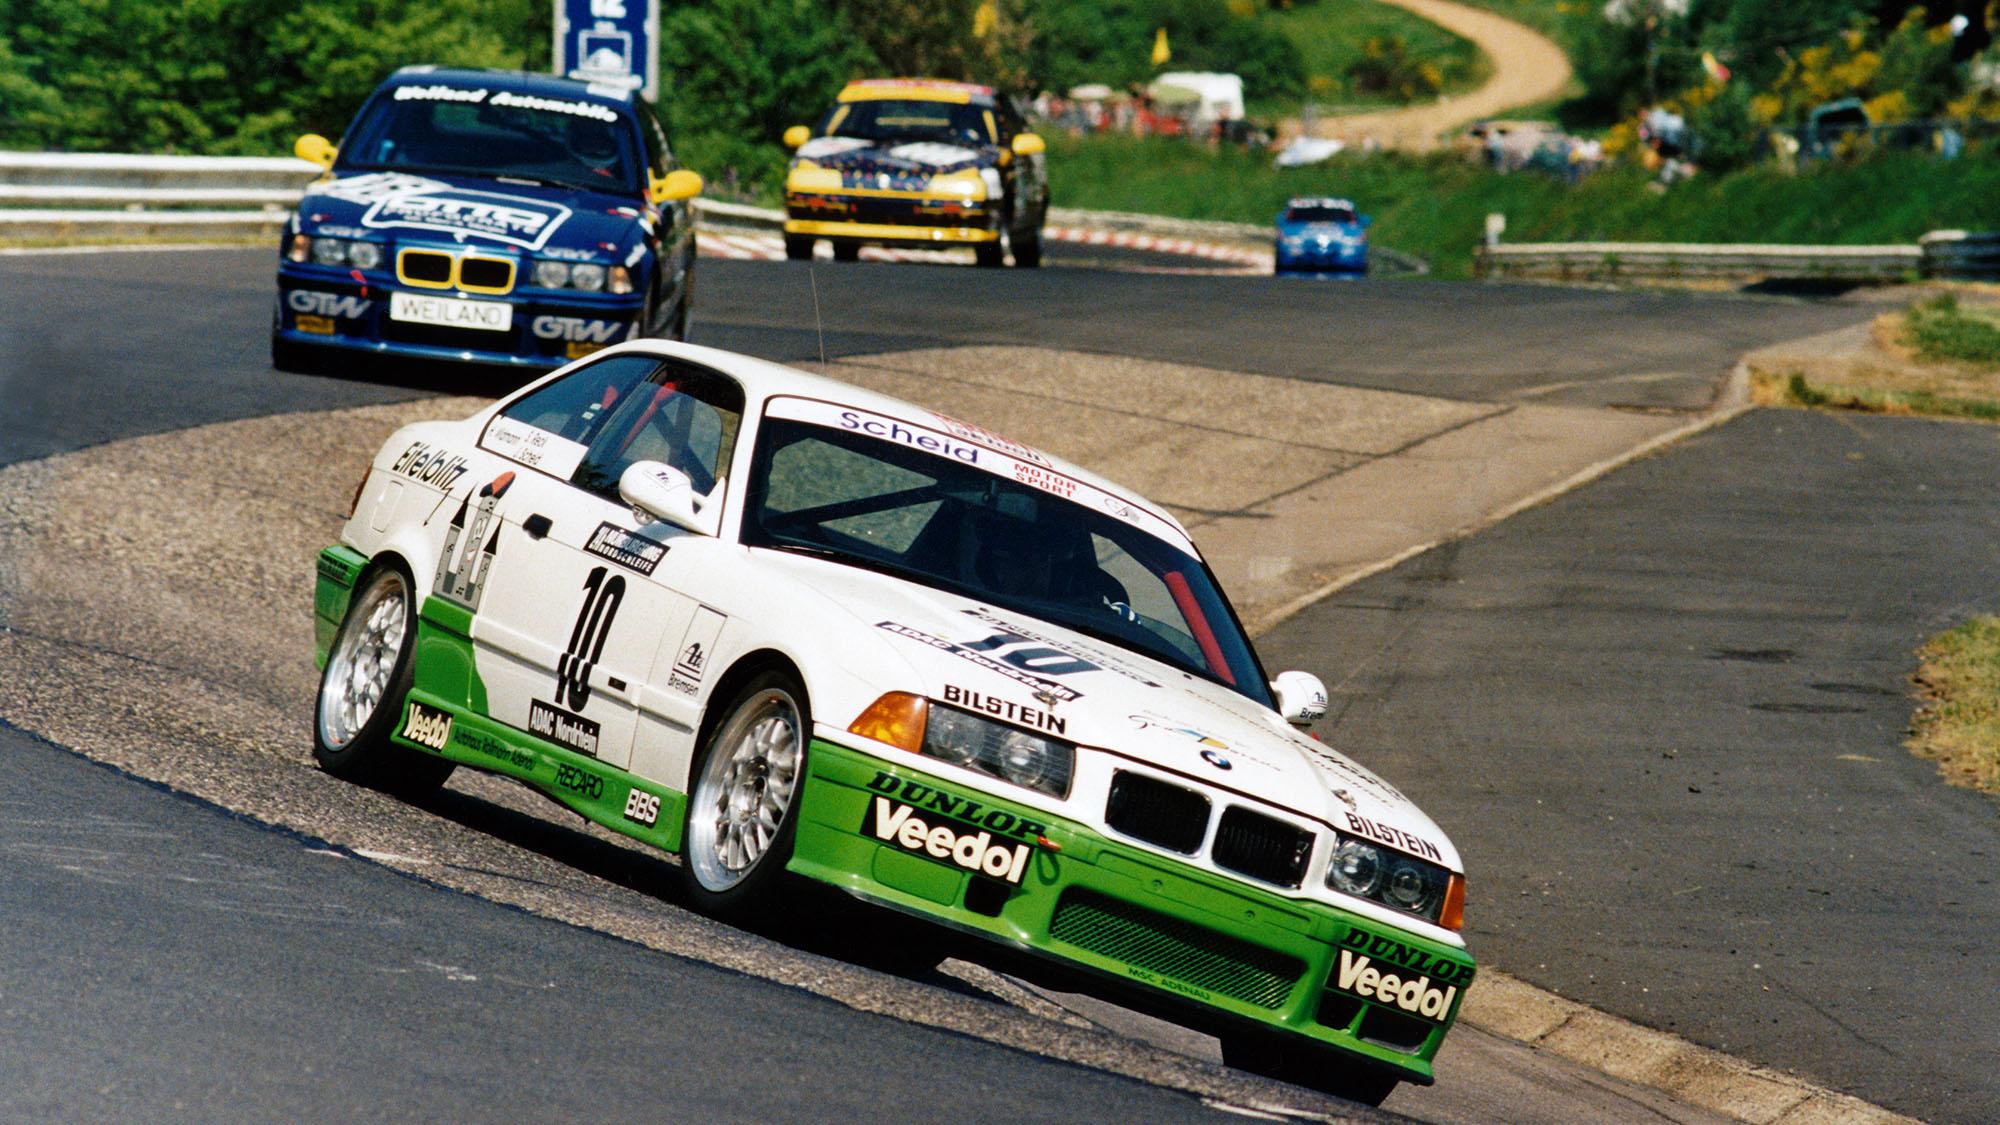 1996 Nurburgring 24 winning car with Sabine Schmitz